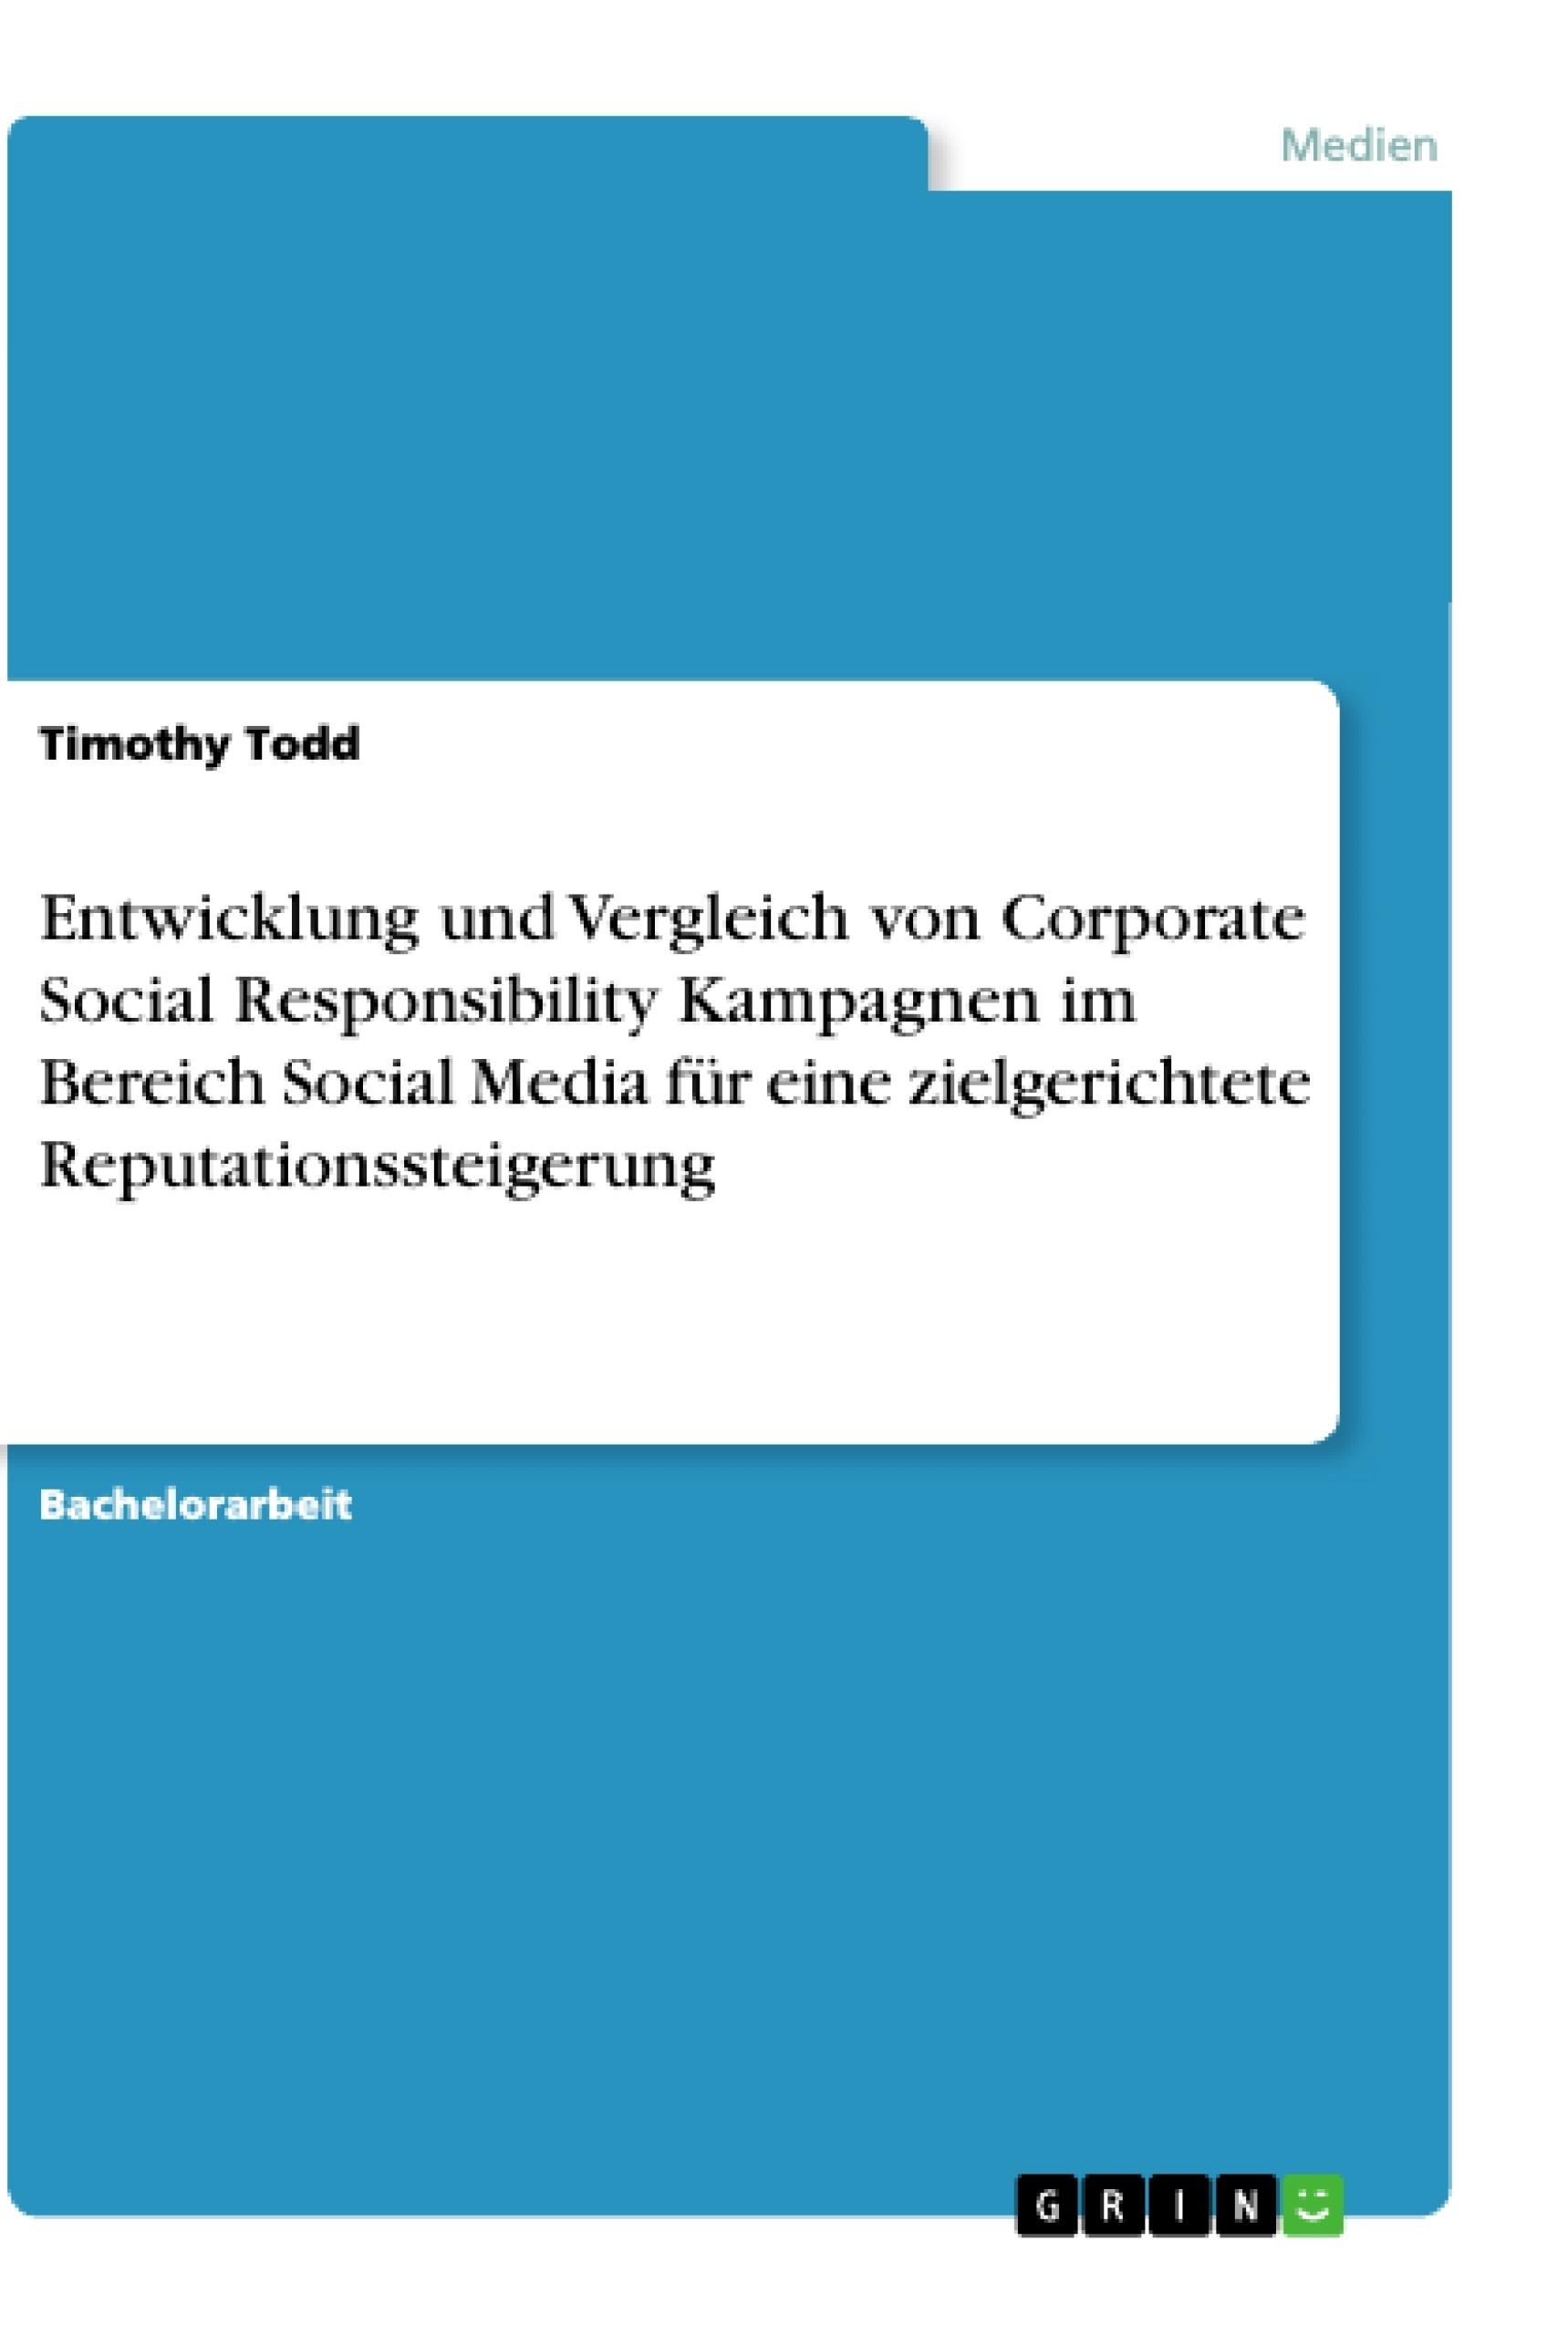 Titel: Entwicklung und Vergleich von Corporate Social Responsibility Kampagnen im Bereich Social Media für eine zielgerichtete Reputationssteigerung